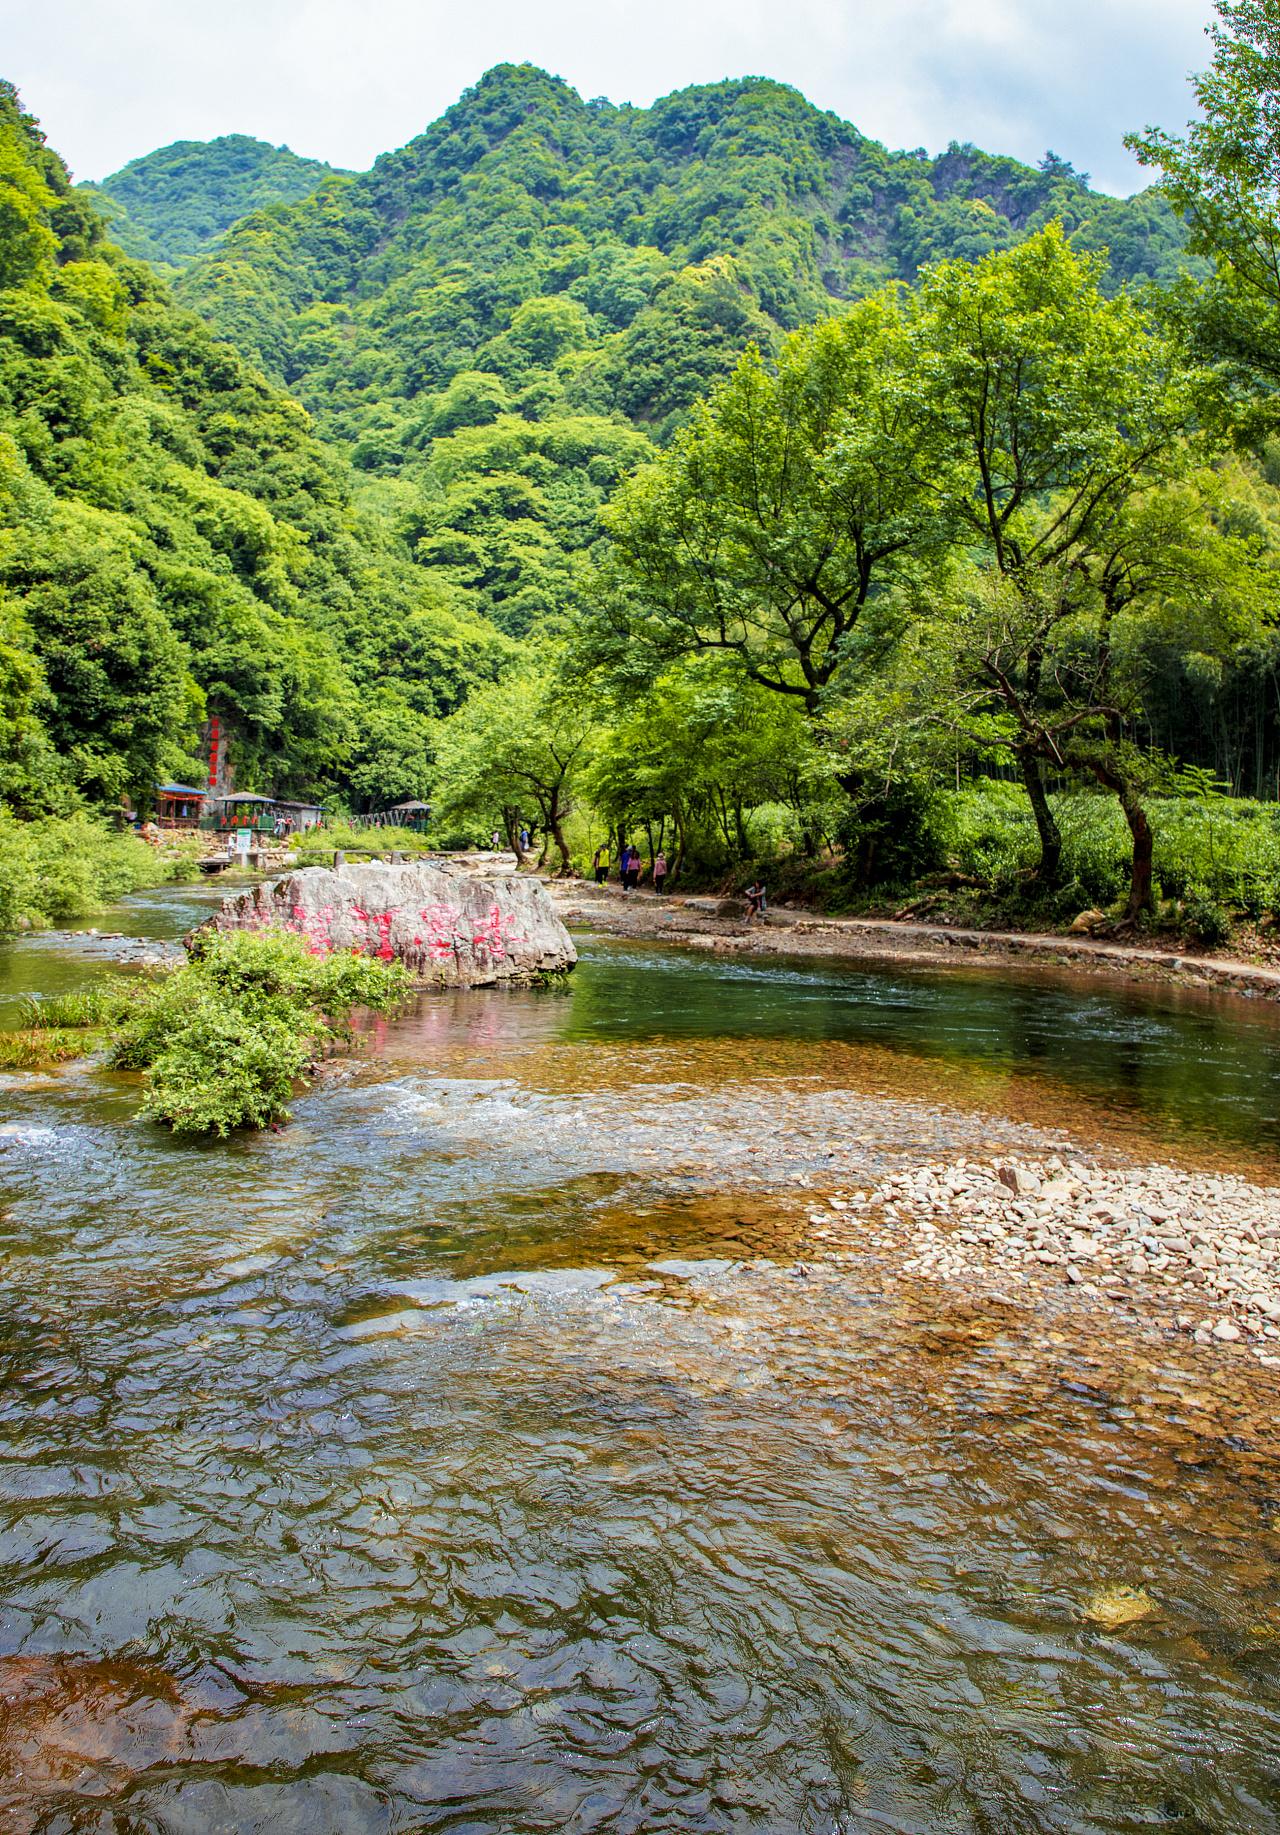 泾县的水墨汀溪景区山清水秀,风景宜人.